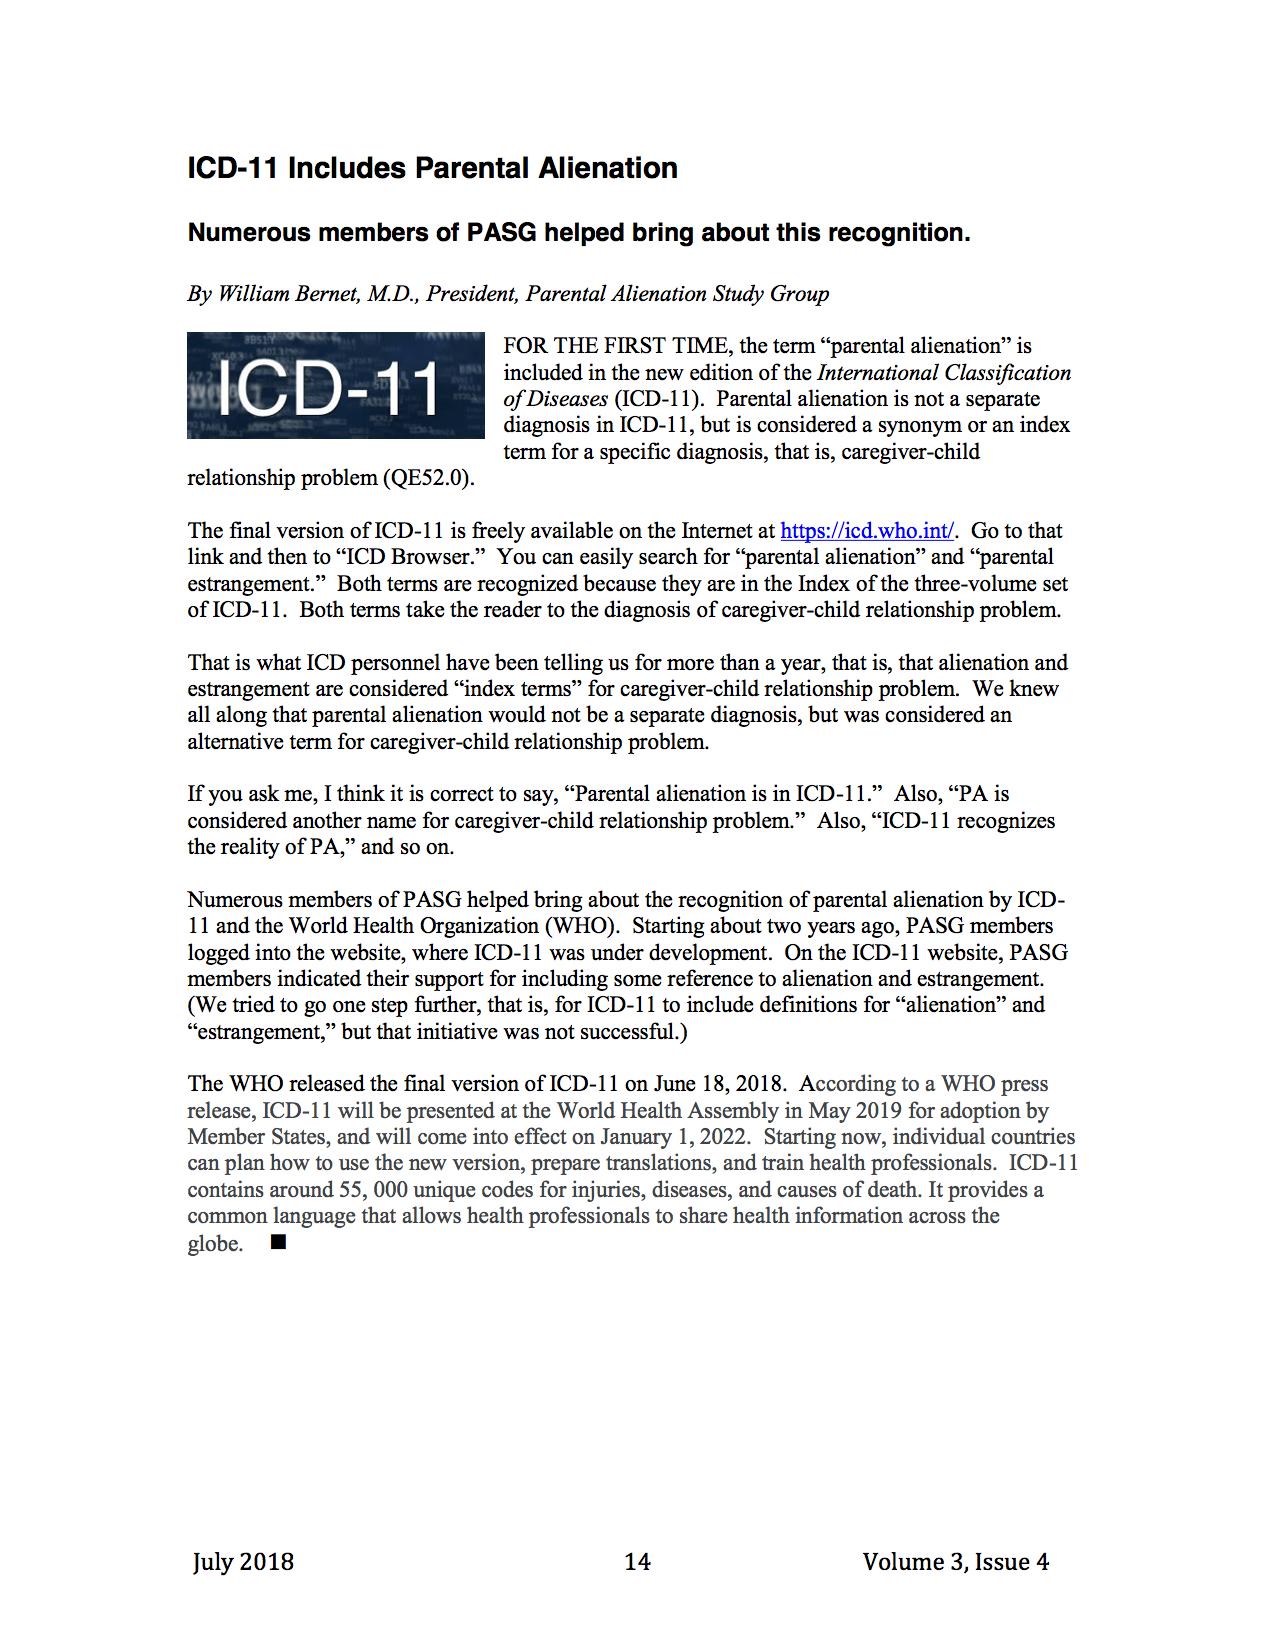 Nel nuovo ICD-11 si parla di Alienazione Parentale